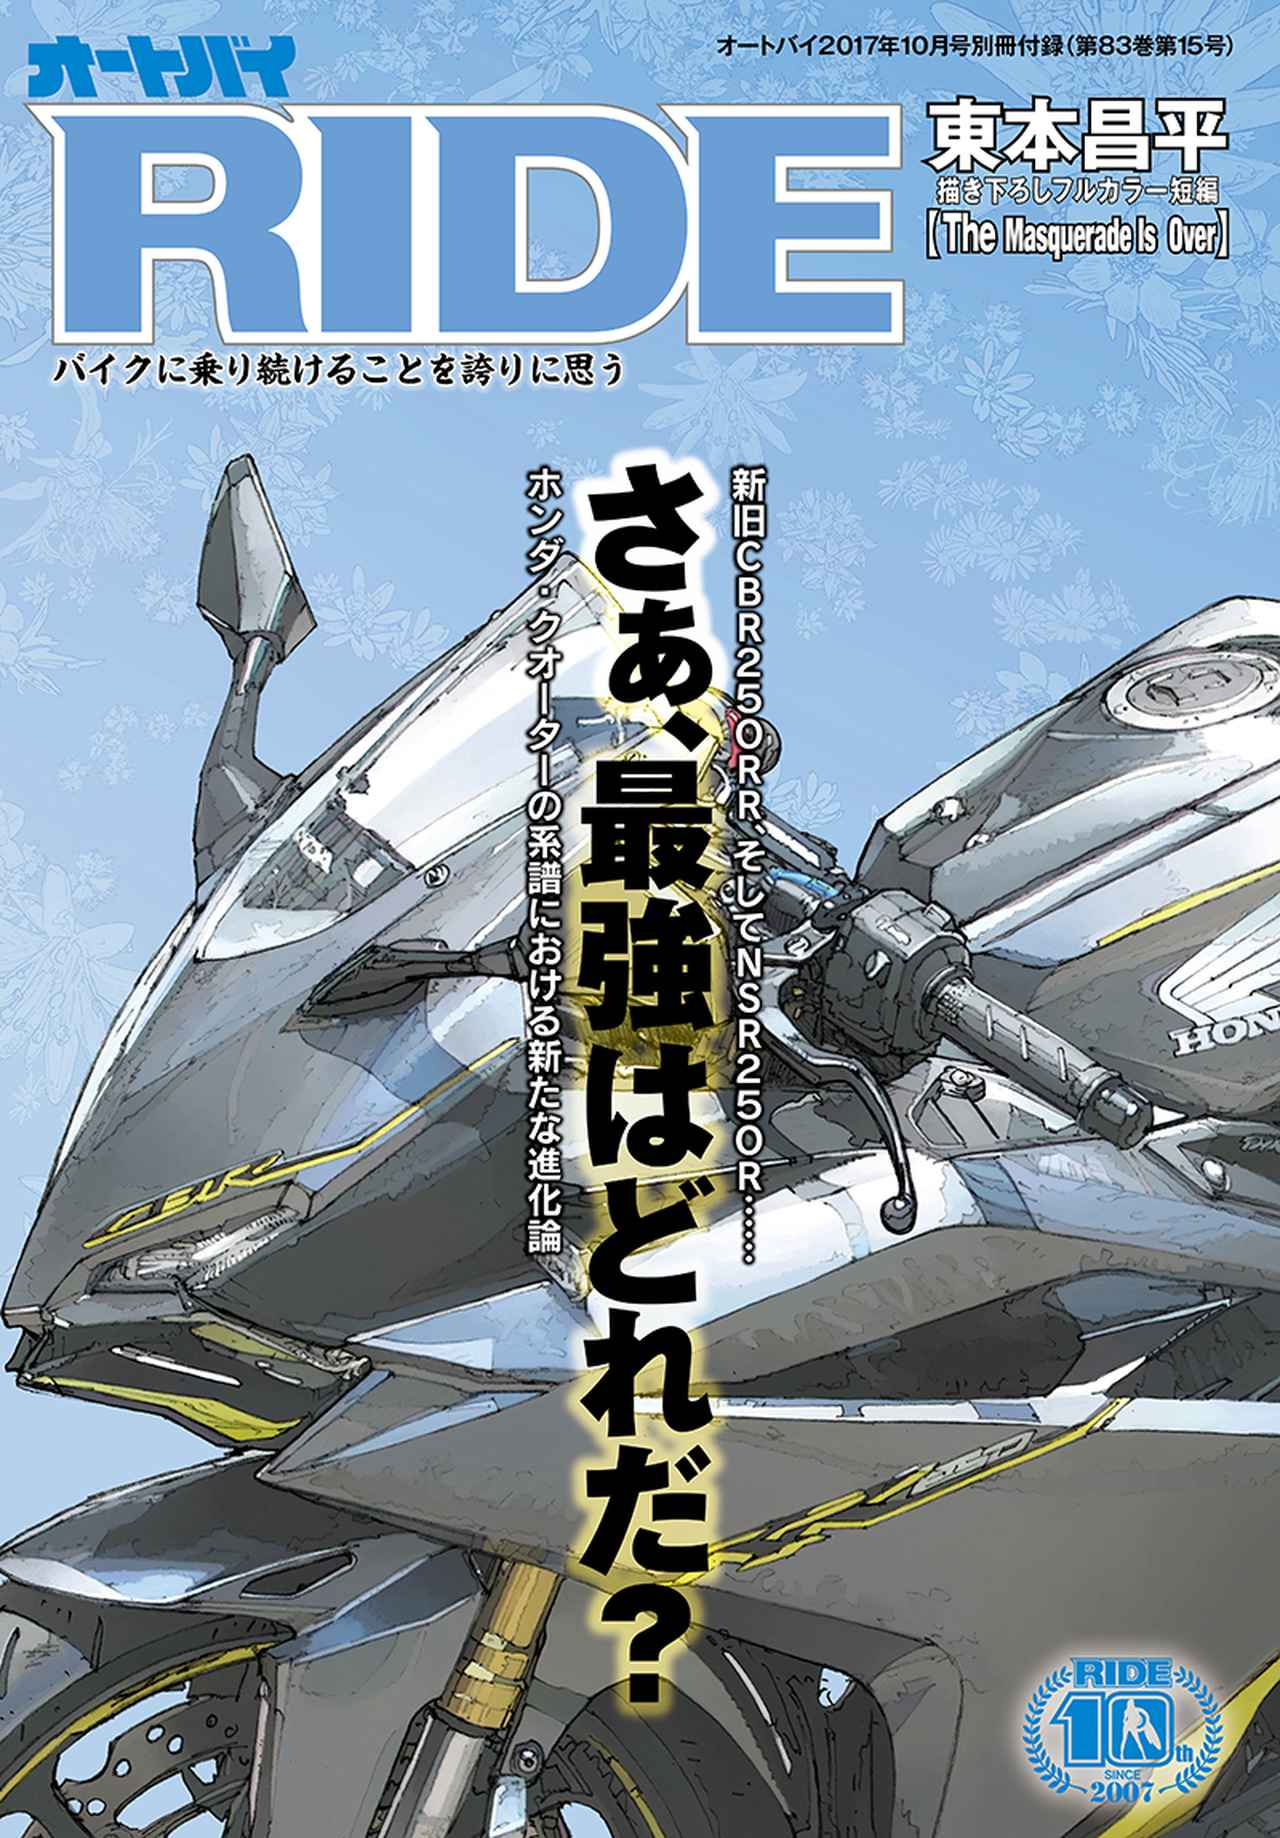 画像: 新生【RIDE】第23号、9月1日(金曜日)発売!!!